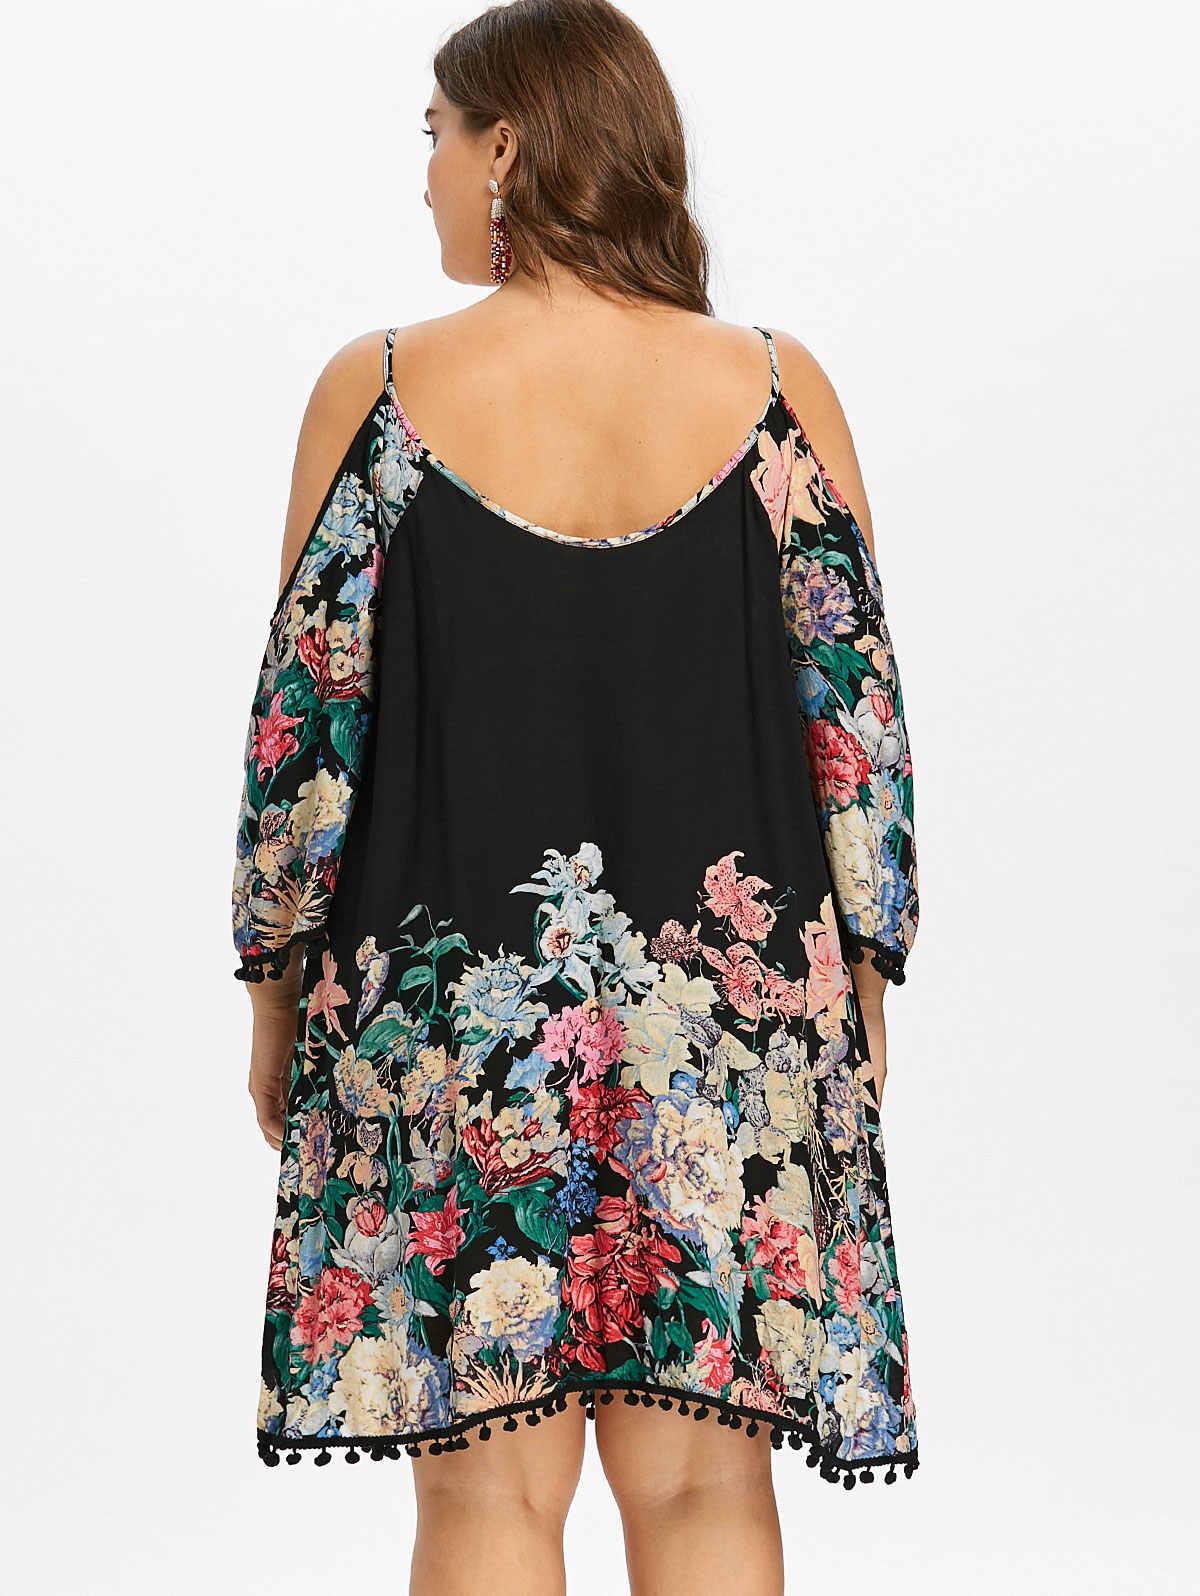 Wisalo плюс размер печати Повседневное платье с открытыми плечами женская одежда весна Спагетти ремень с длинным рукавом платья вечернее платье vestidos